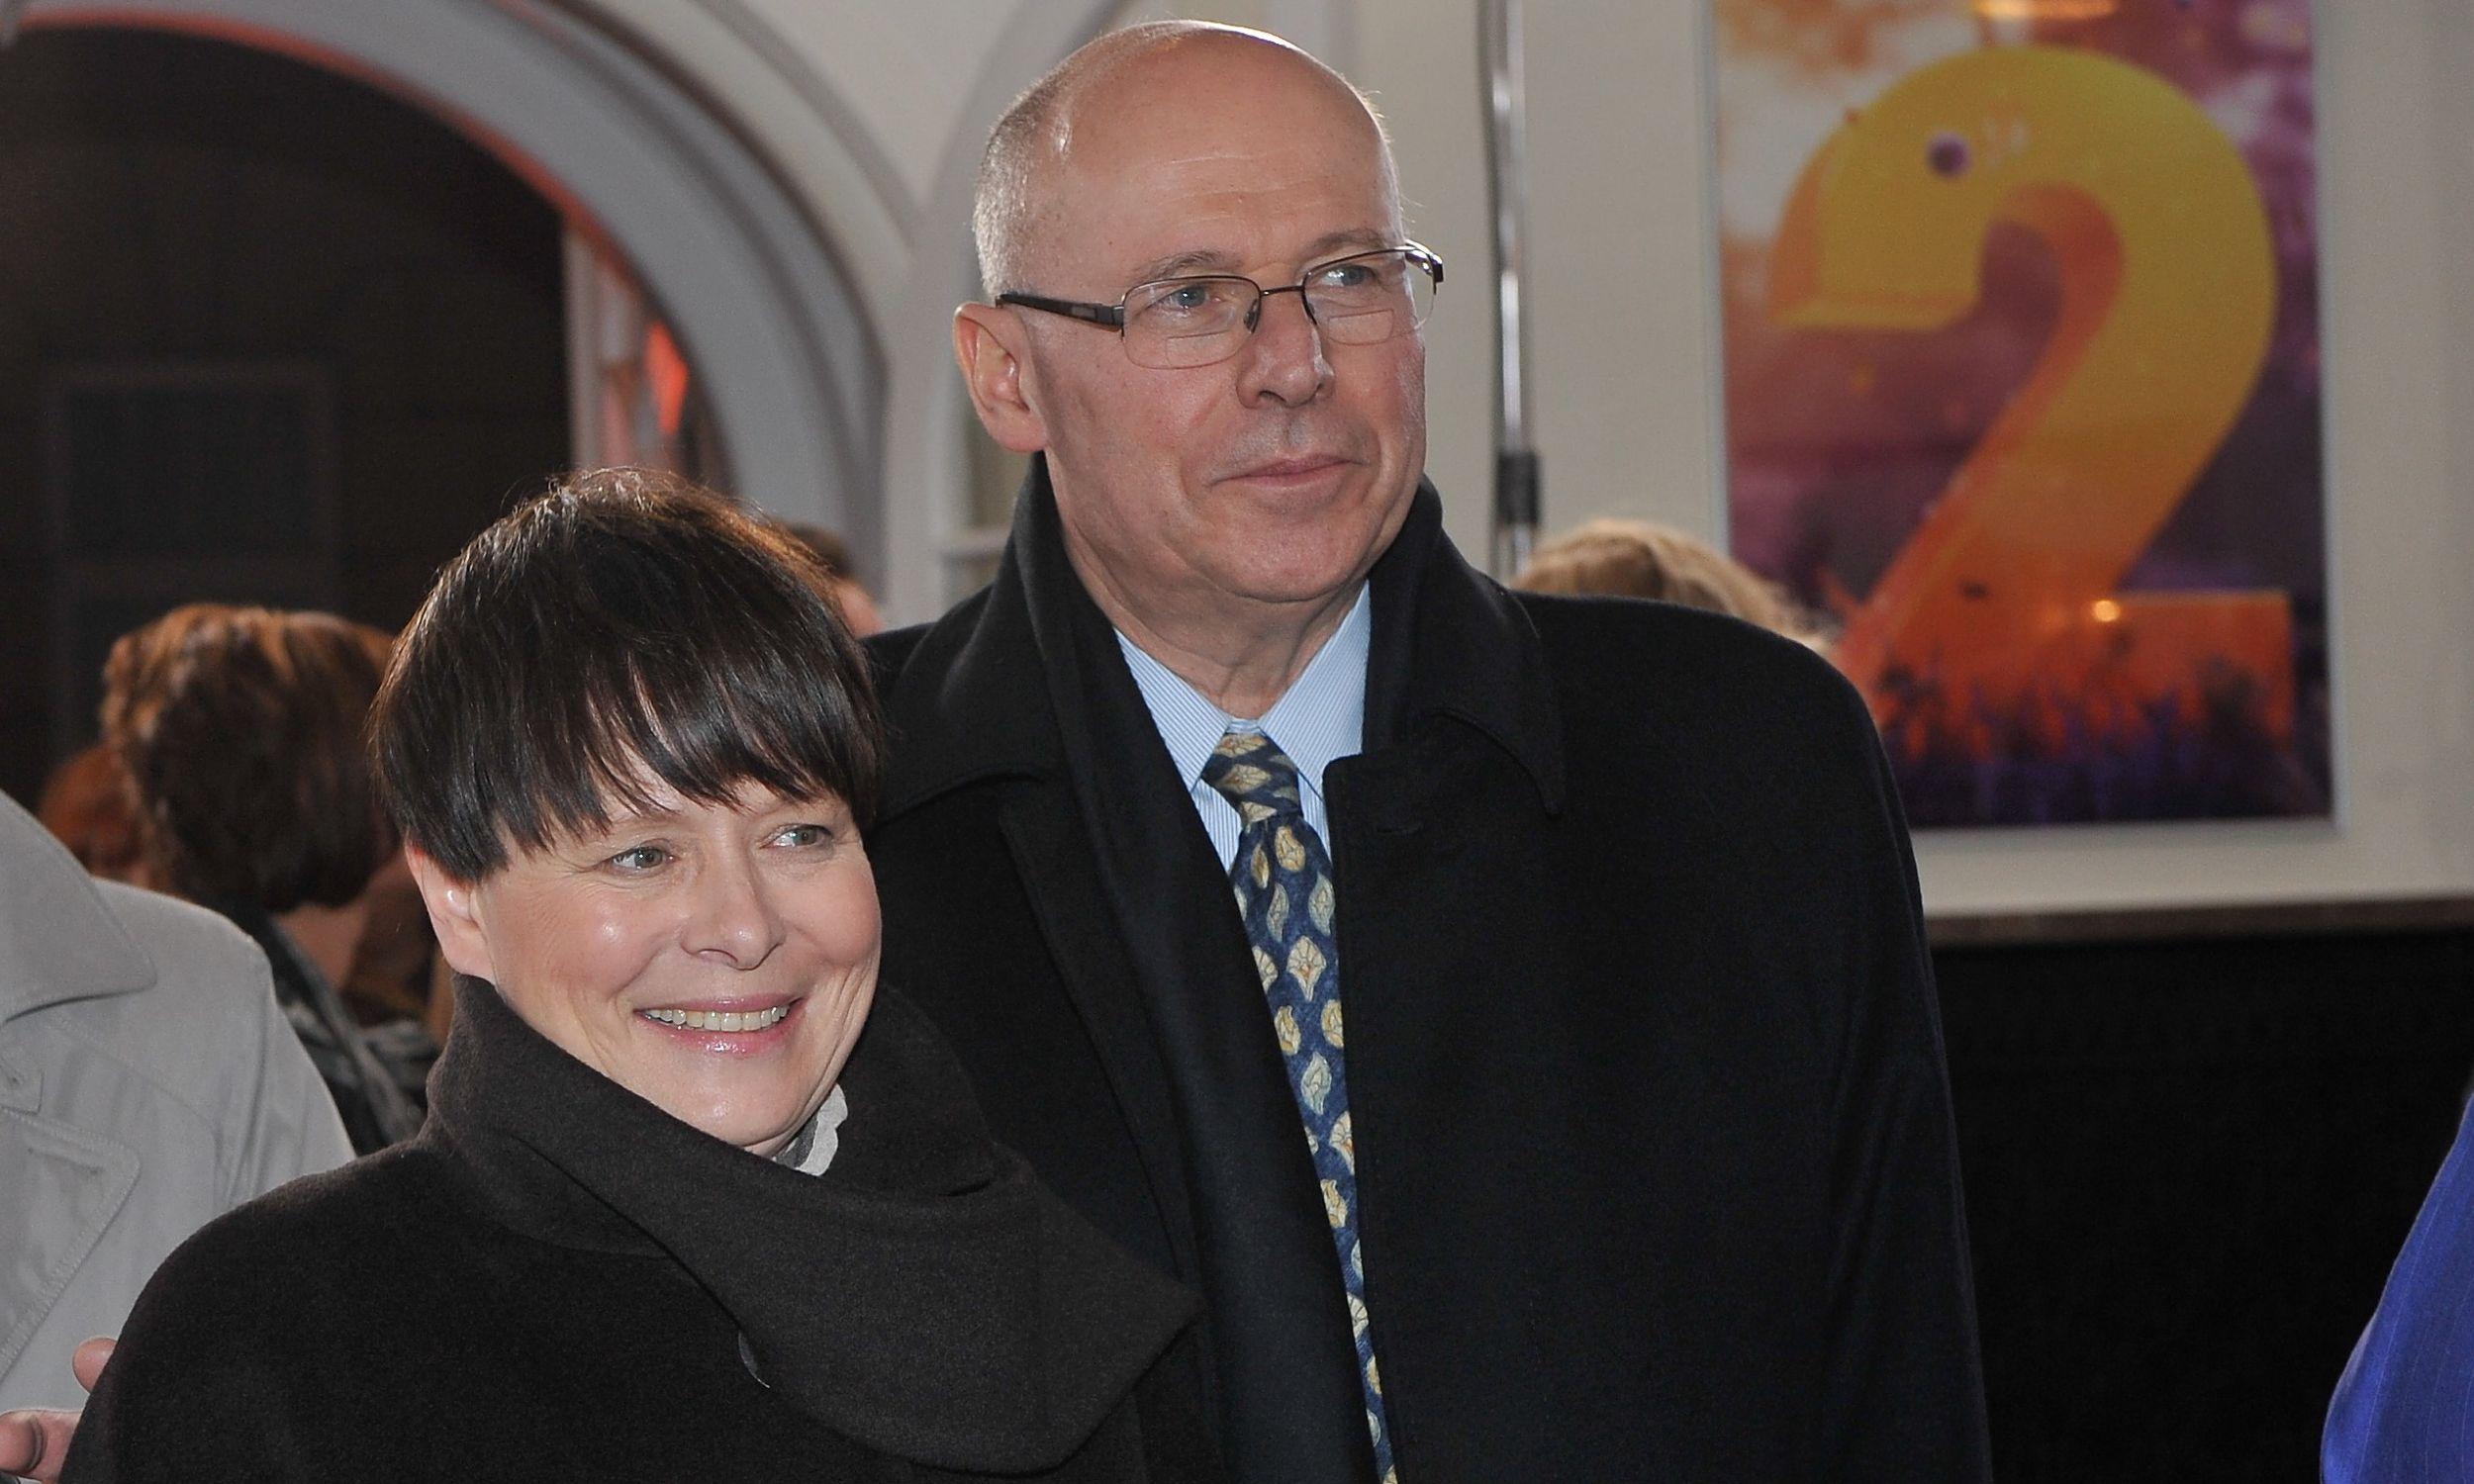 Z Czesławem Bieleckim podczas koncertu z okazji 40-lecia telewizyjnej Dwójki, październik 2010 . Fot. TVP/Ireneusz Sobieszczuk